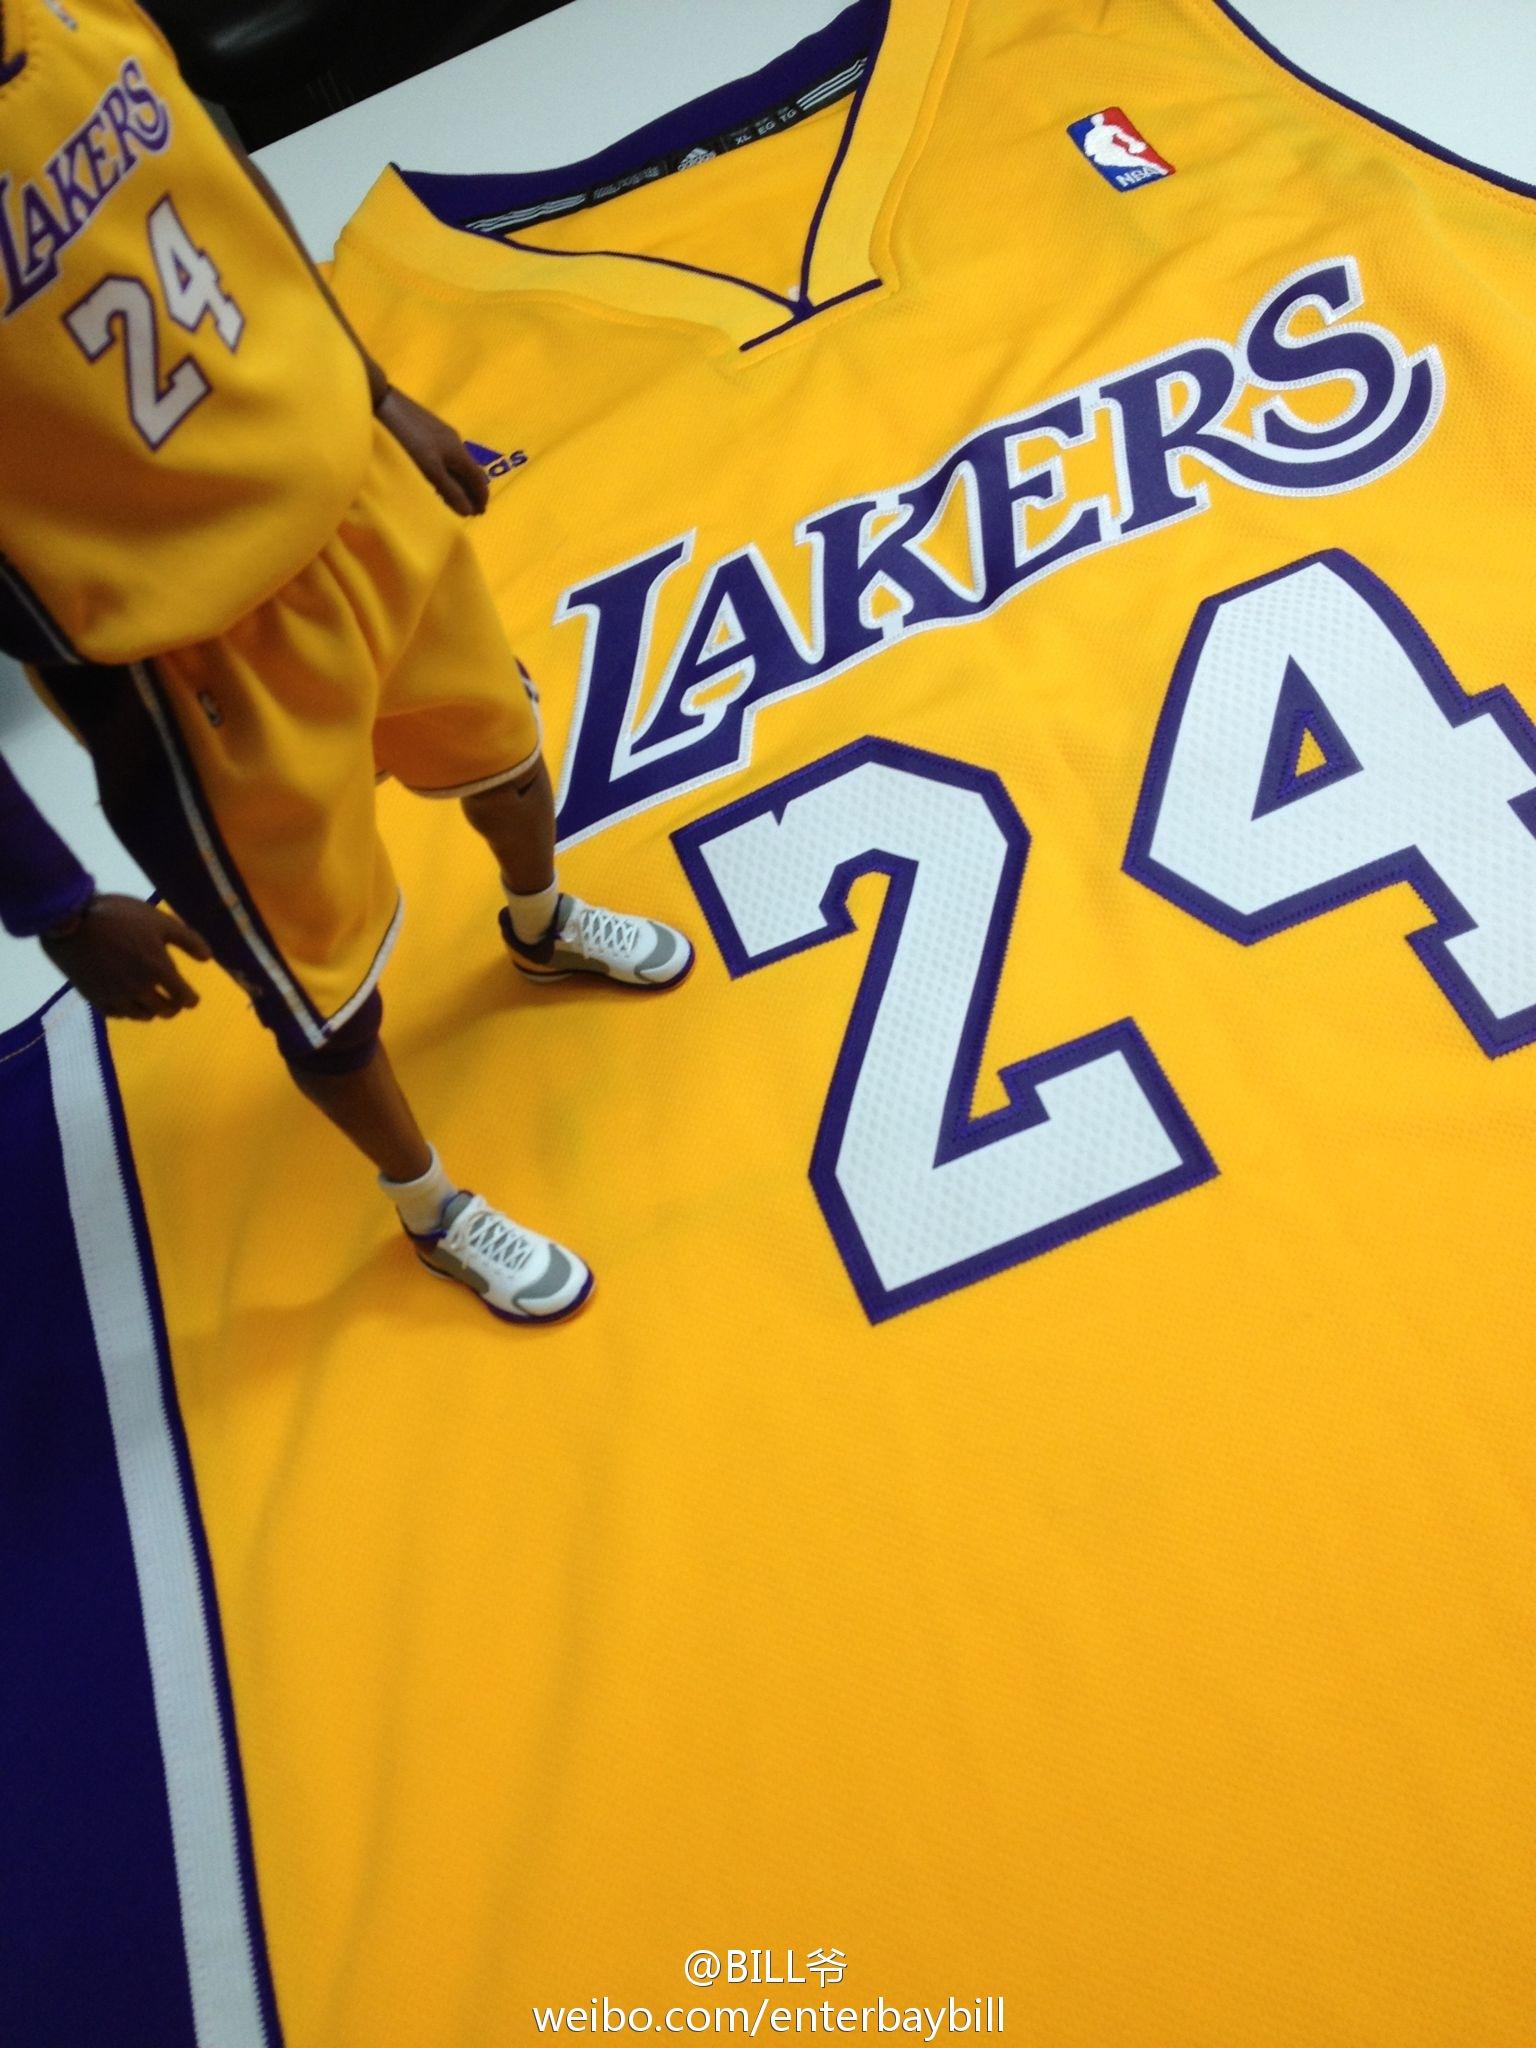 [ENTERBAY] NBA Real Masterpiece - Kobe Bryant!!! - Página 3 69464edejw1dvai8sb5zwj